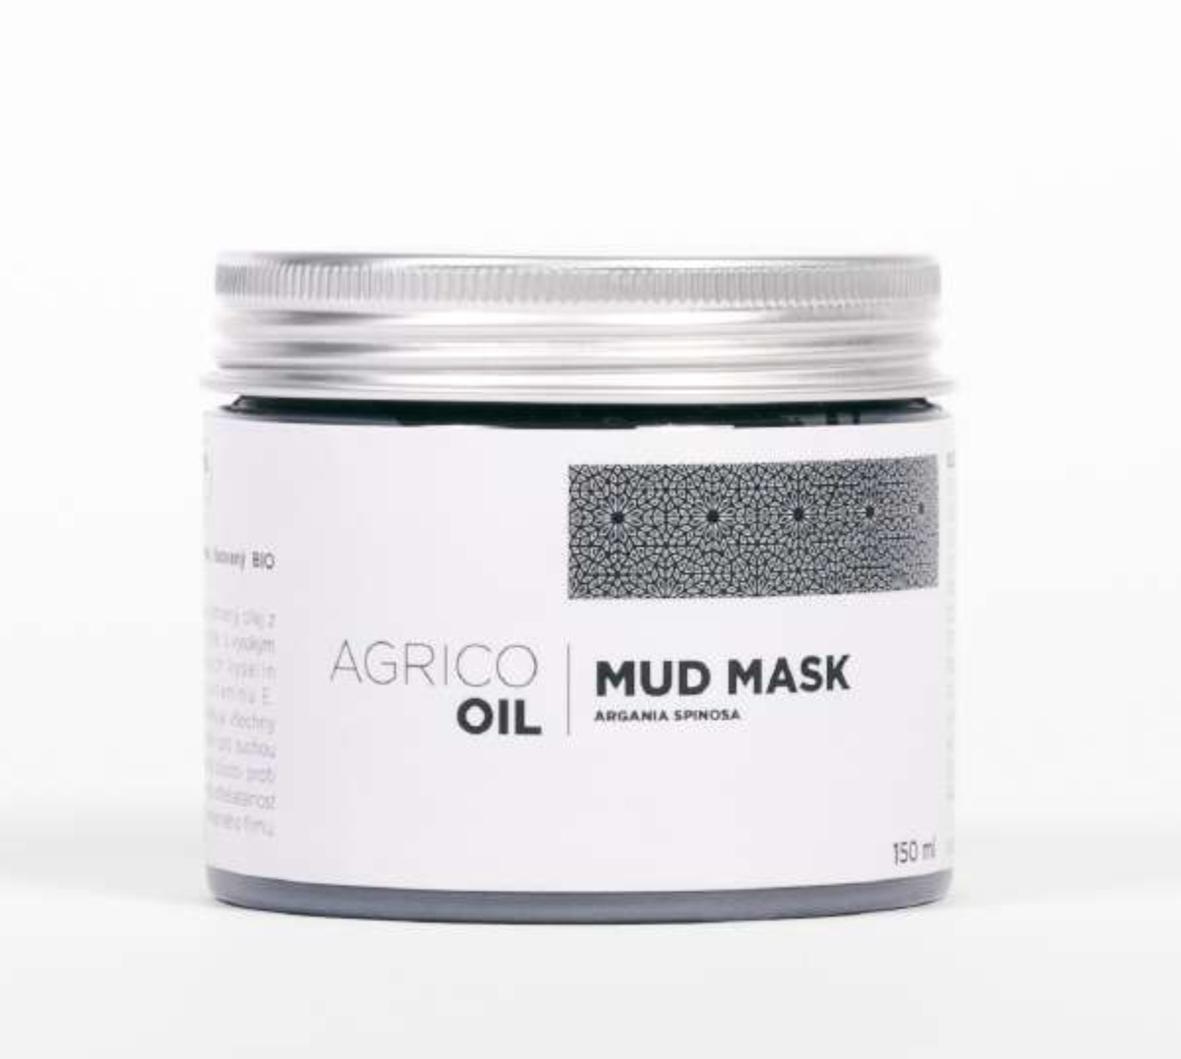 Agrico Oil Mud Mask - pleťová maska s bahnem z mrtvého moře a arganovým olejem, 150 ml